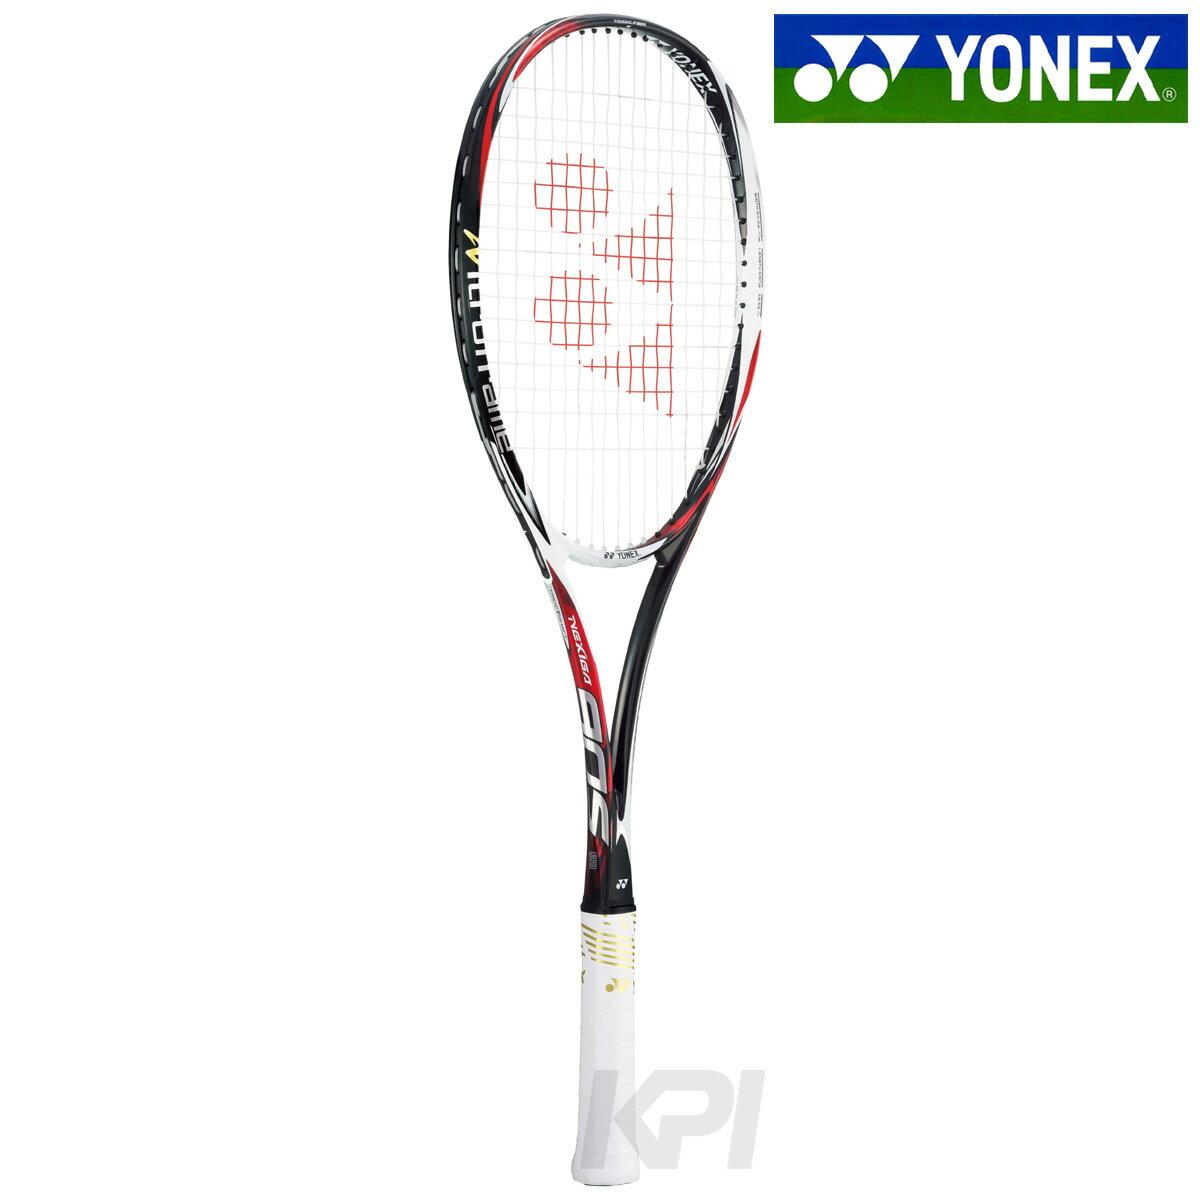 【予約販売品】 「新デザイン」「2017新製品」YONEX(ヨネックス)「NEXIGA 90S(ネクシーガ90S)ジャパンレッド NXG90S-364」ソフトテニスラケット, 関西オートパーツ販売:7ef7fea5 --- cooperscreen.com